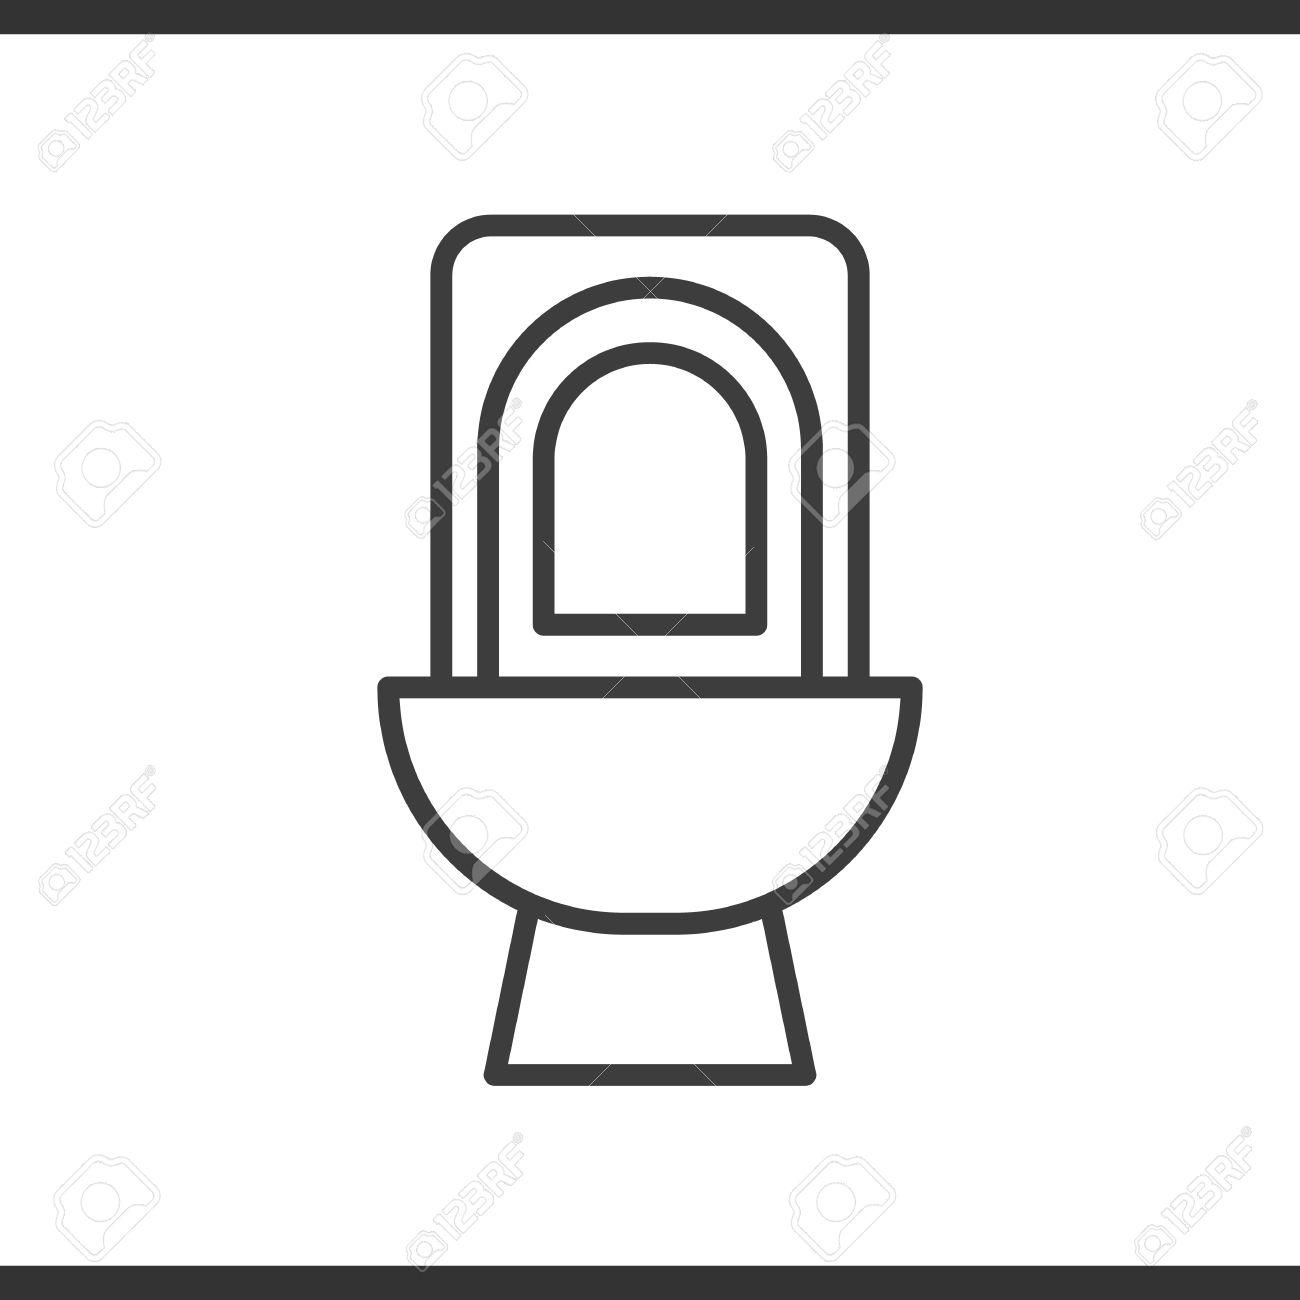 Dessin Wc icône linéaire de toilette. illustration de la ligne mince wc